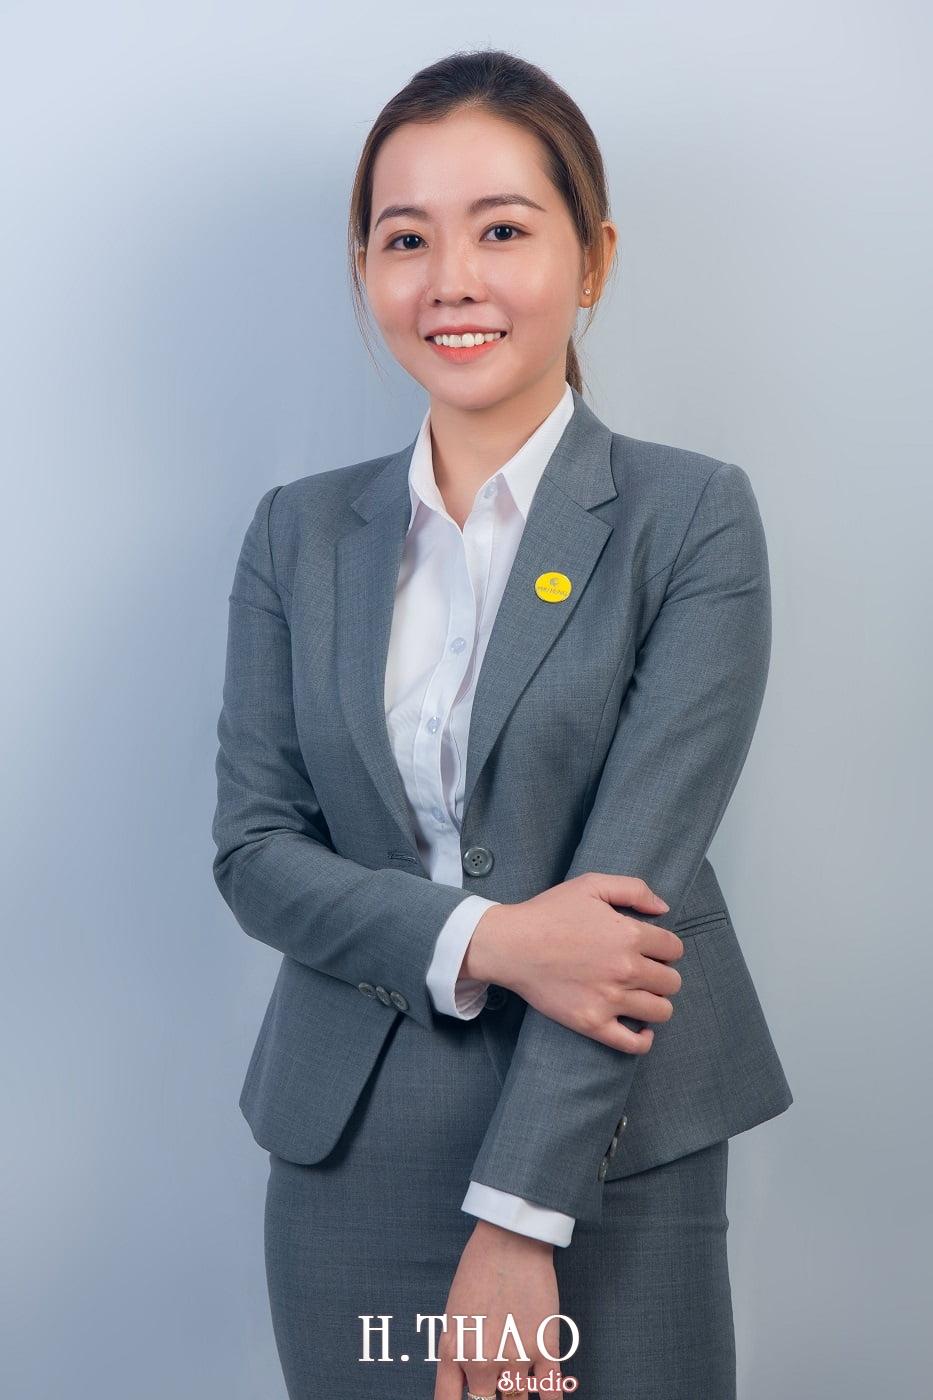 Anh nhan vien 1 min - Album ảnh profile nhân sự công ty Phu Hung Land – HThao Studio